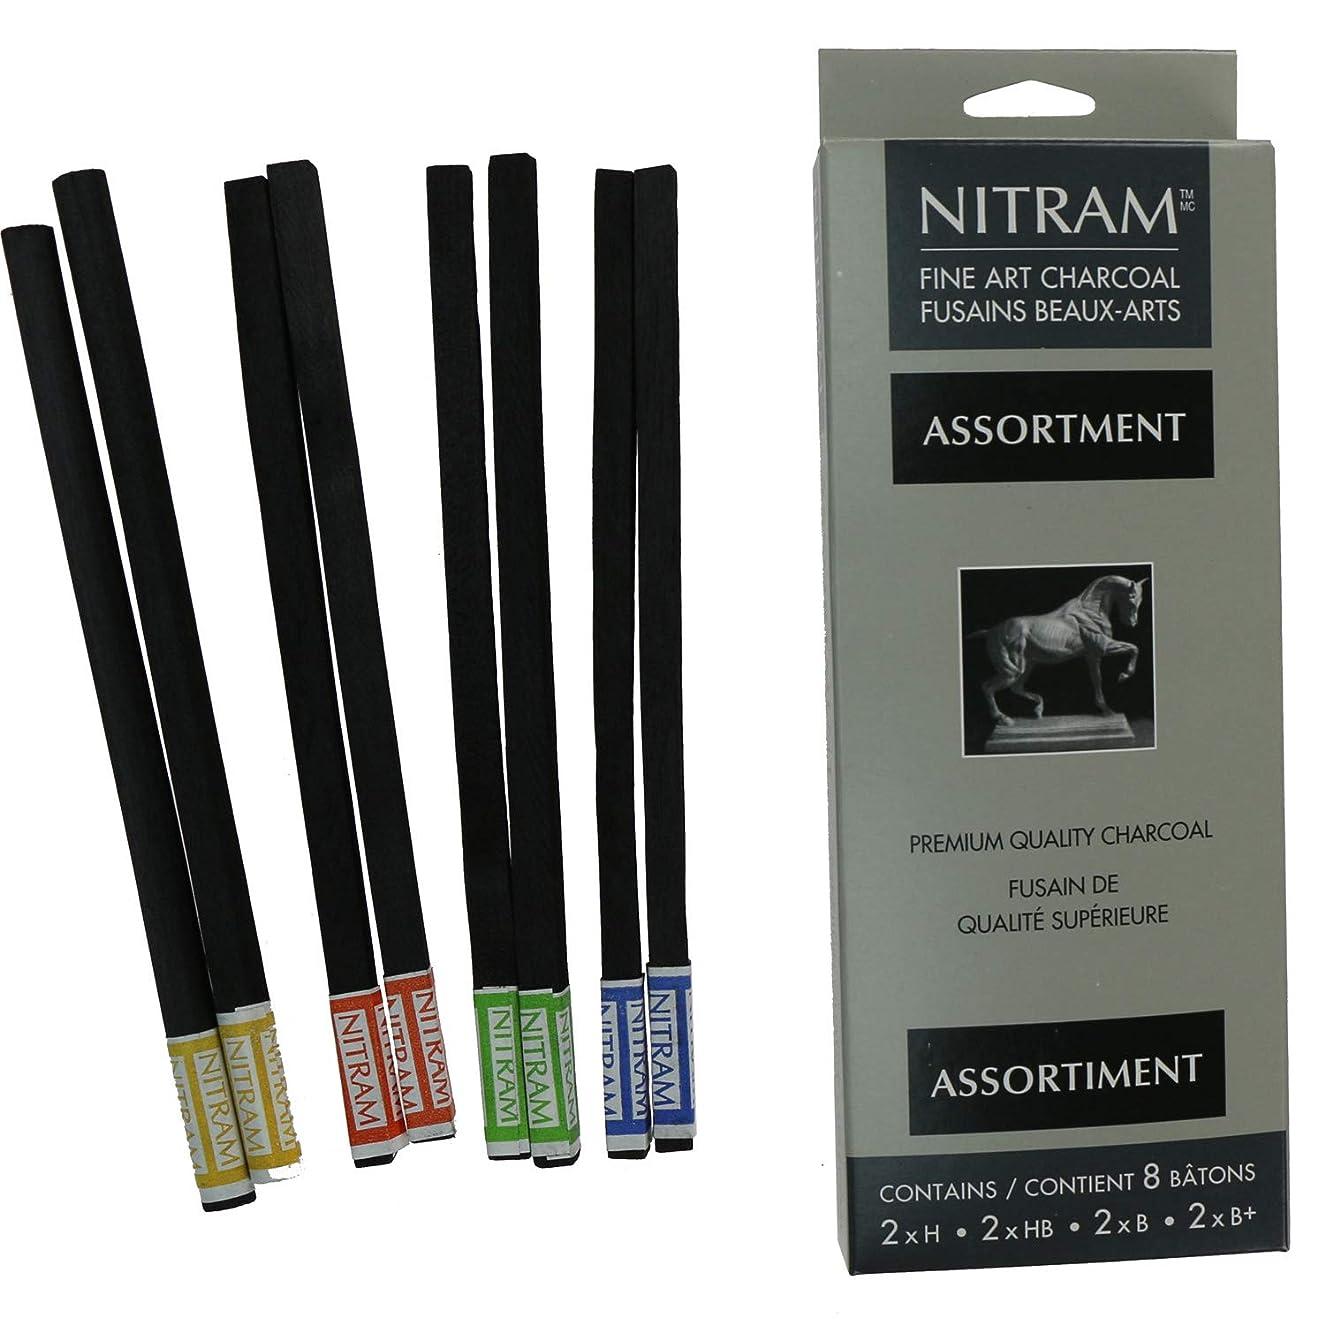 Nitram Assorted refill Charcoal sticks pk 8